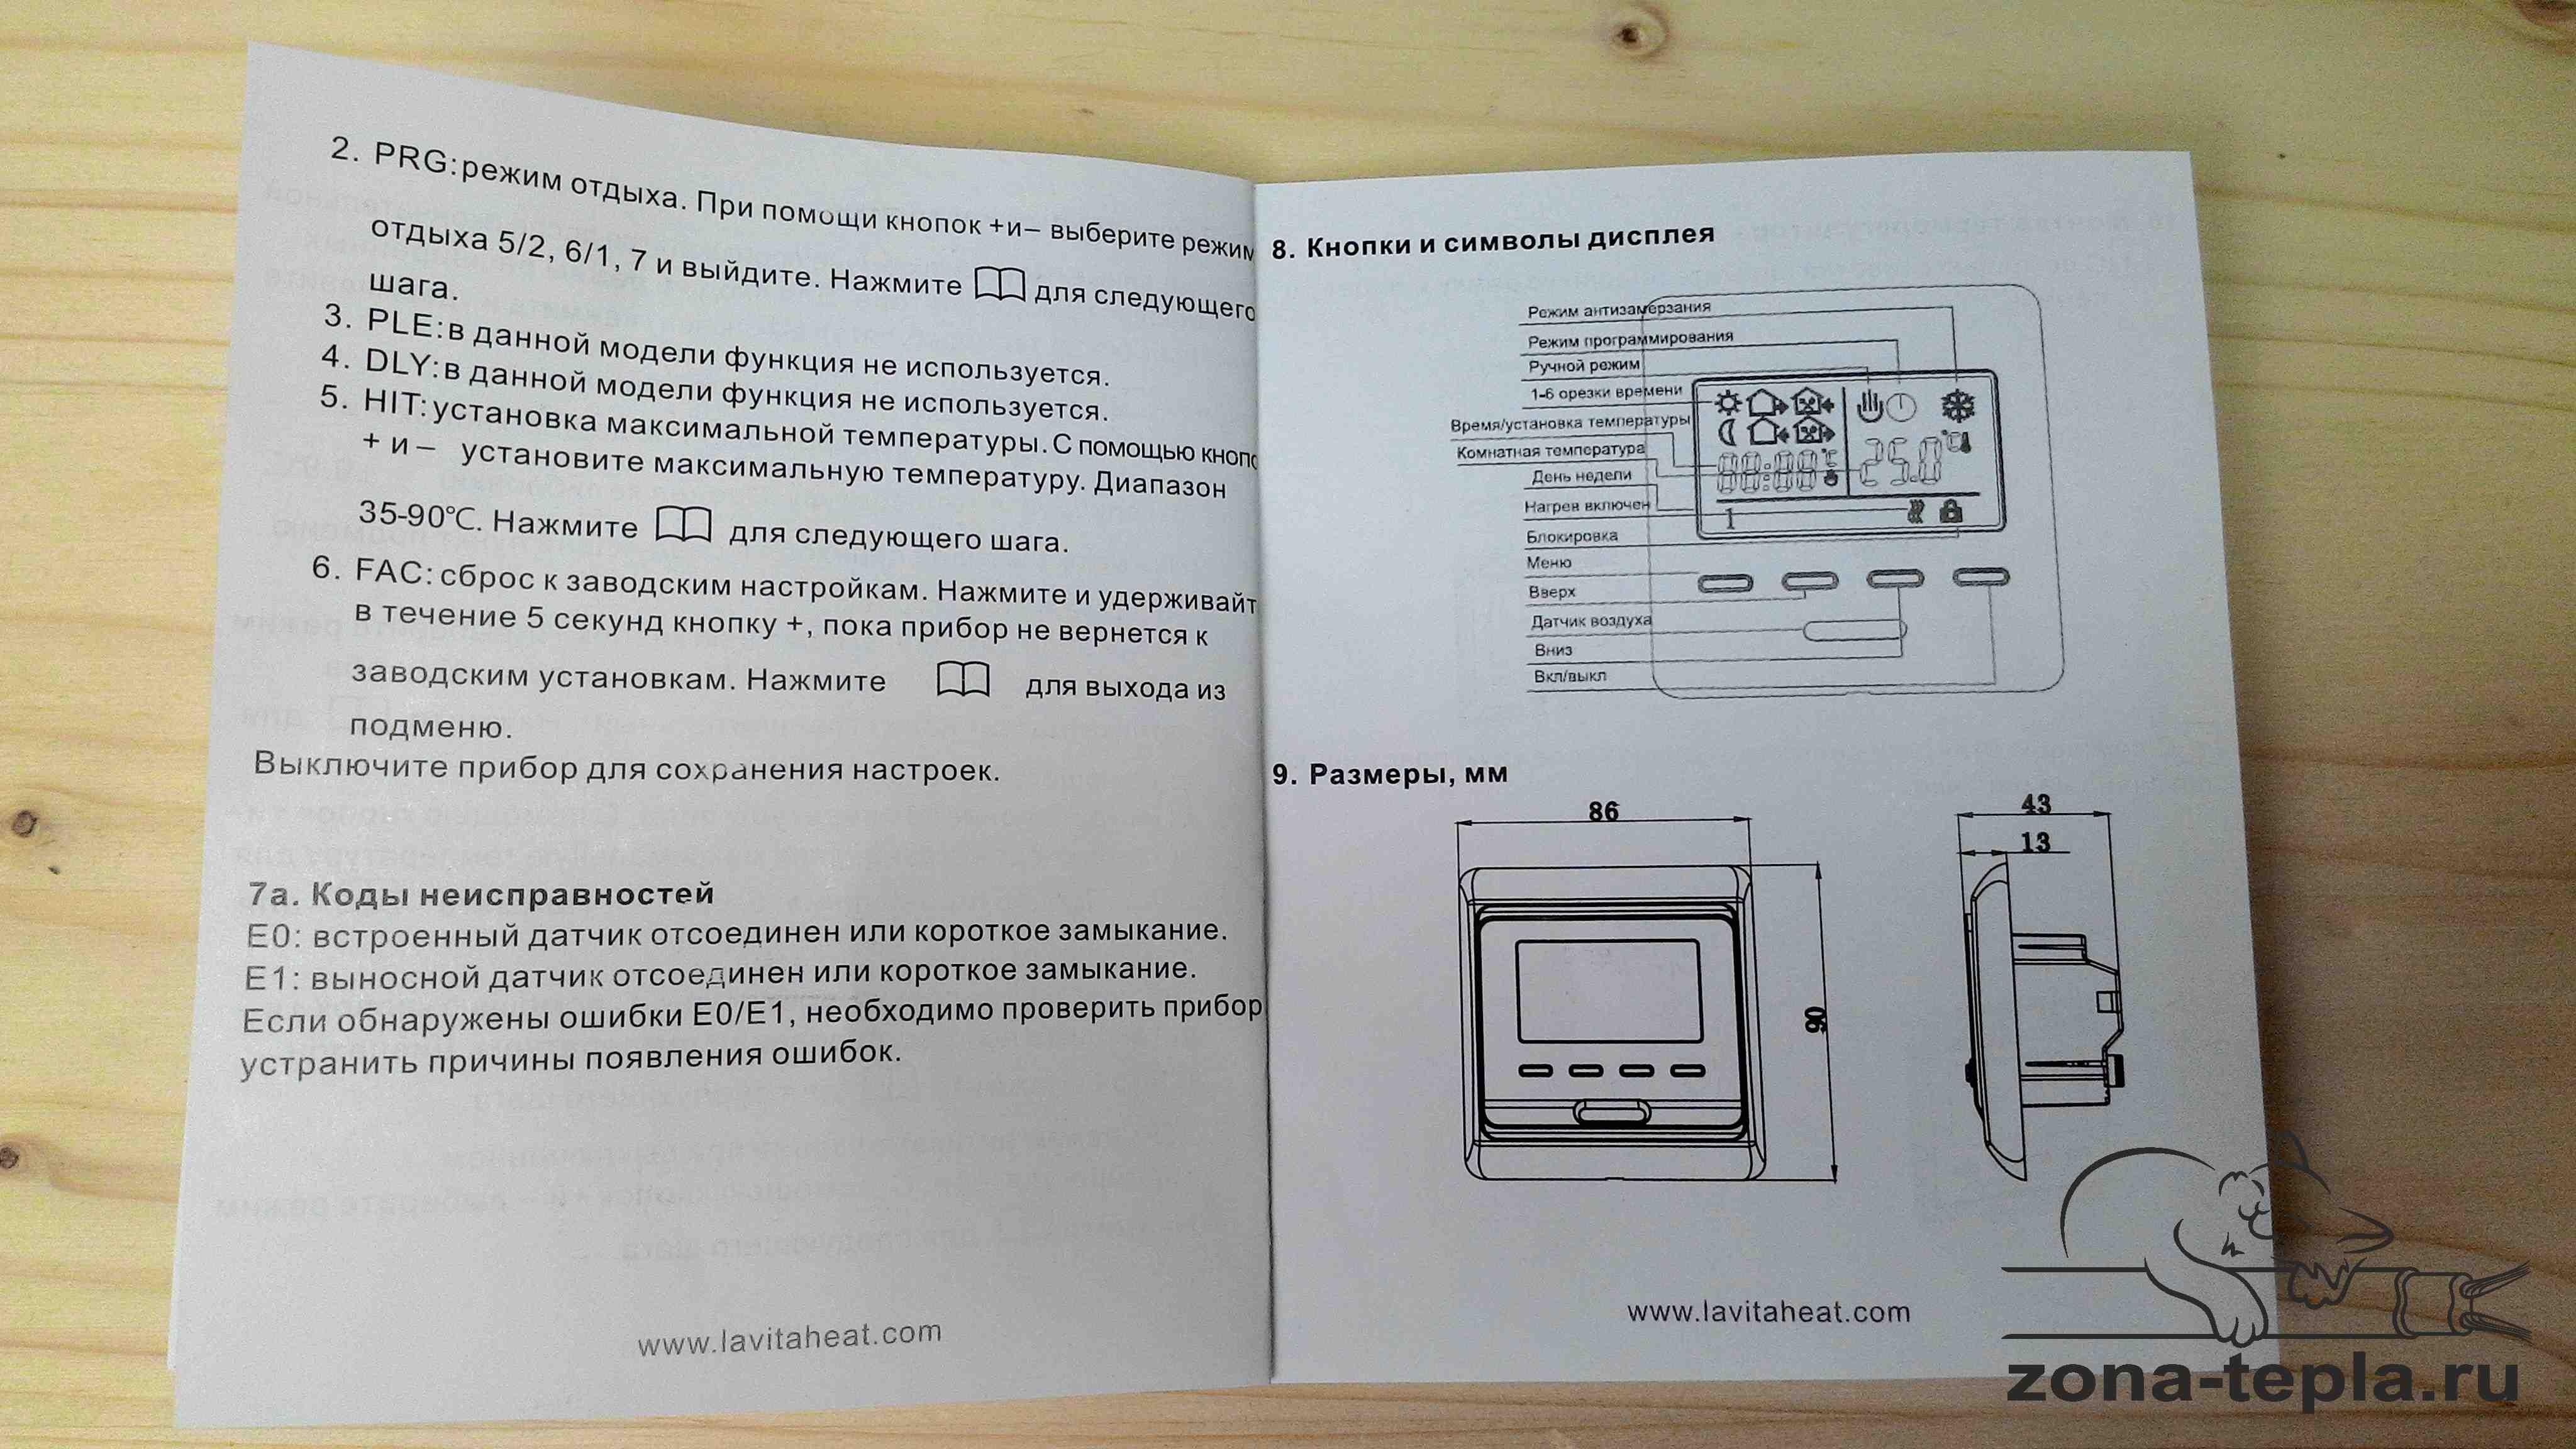 Терморегулятор для теплого пола Lavita E51.716 инструкция стр 3